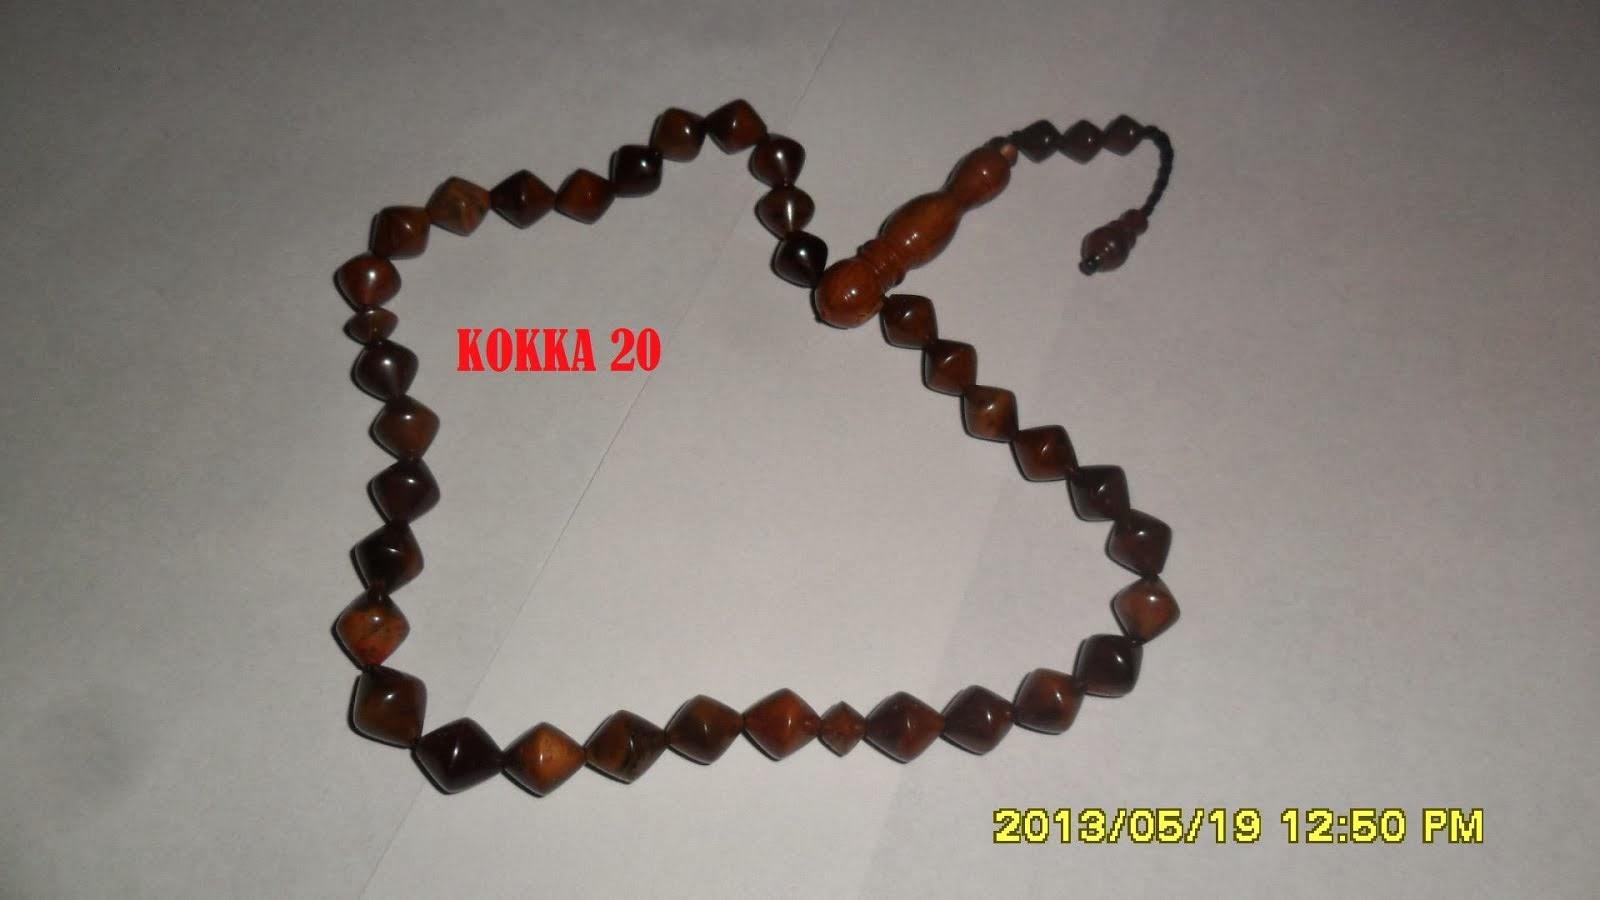 KOKKA 20